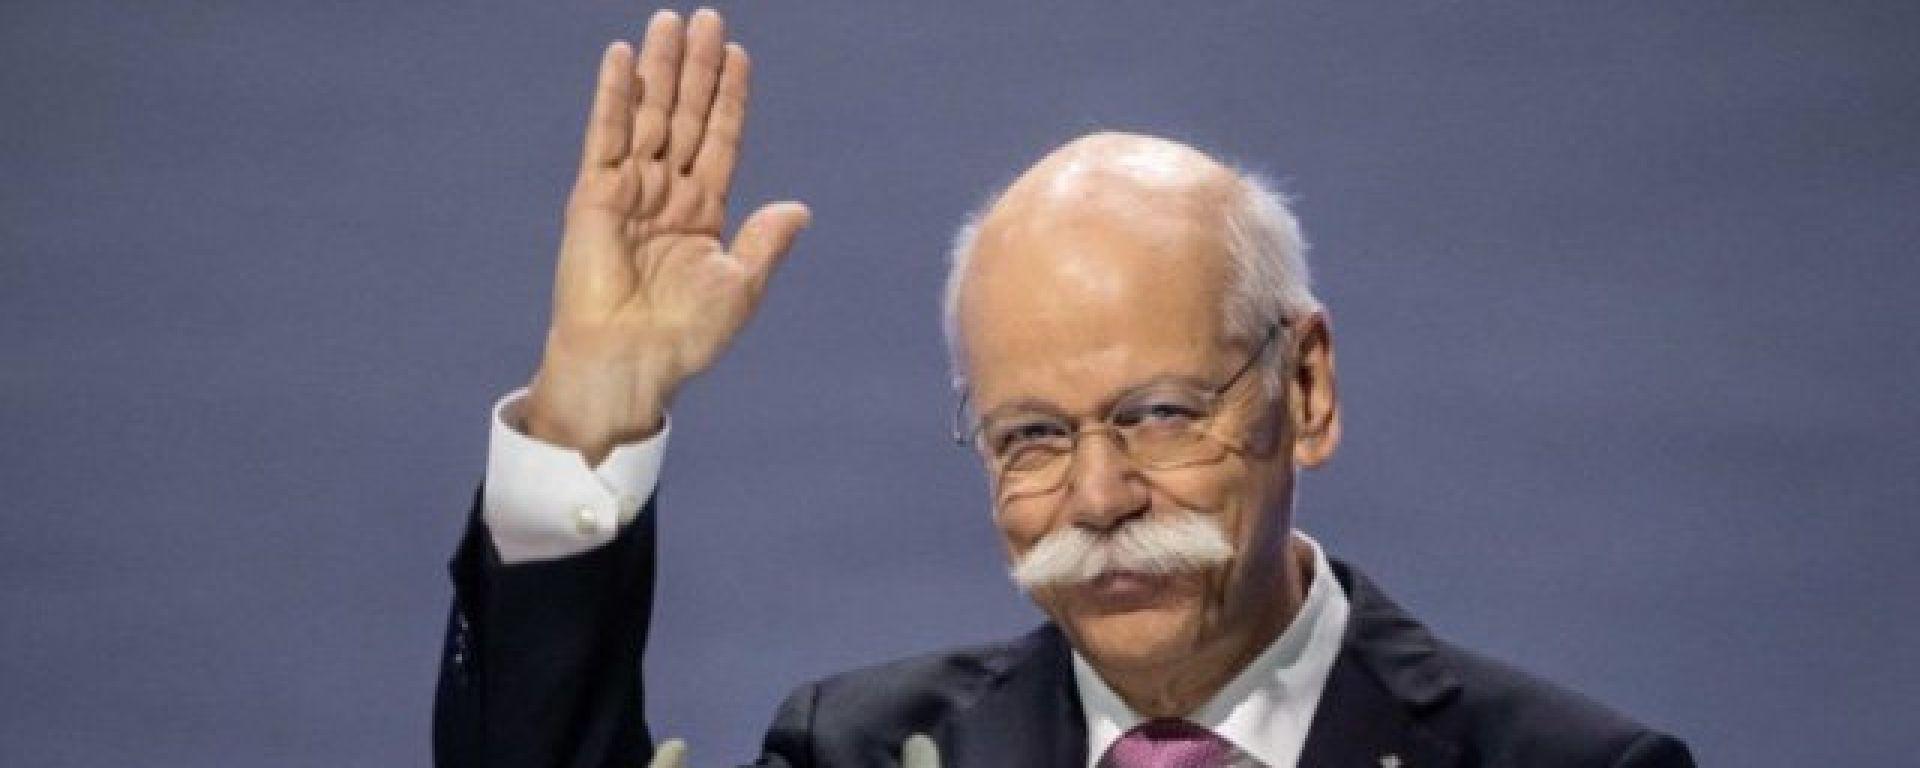 Il geniale video di BMW per la pensione del CEO di Mercedes - Dieter Zetsche